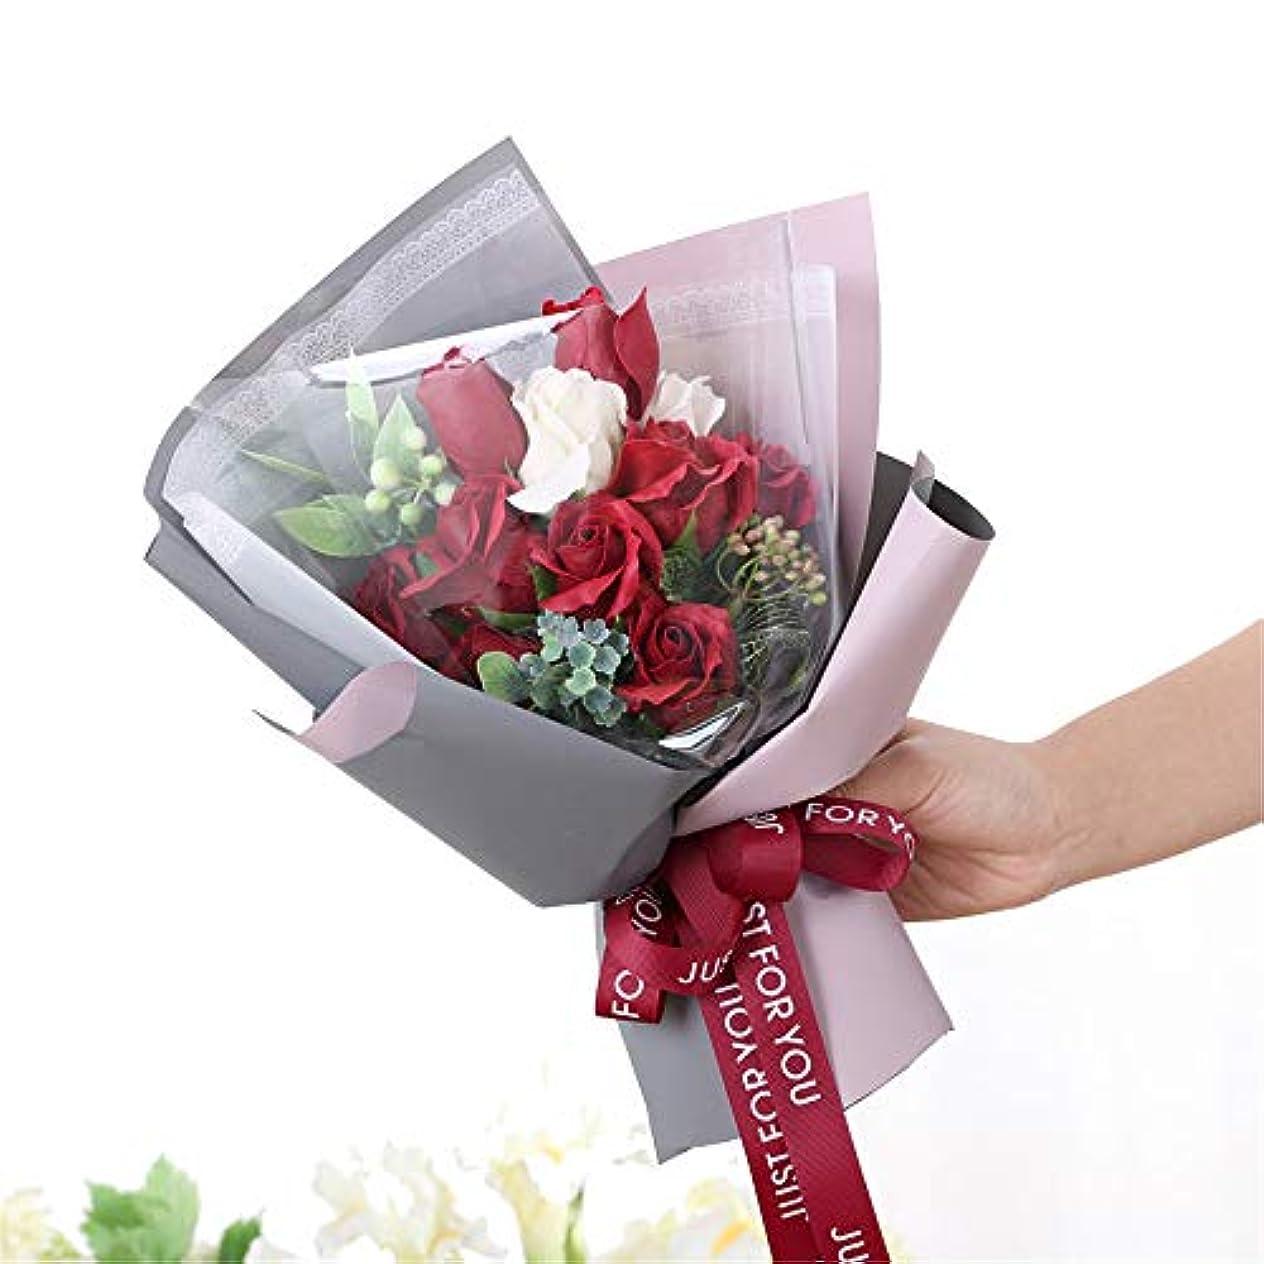 もっともらしいクレア超高層ビル手作りのバラ石鹸フラワーブーケのギフトボックス、女性のためのギフトバレンタインデー、母の日、結婚式、クリスマス、誕生日を愛した女の子 (色 : 赤)